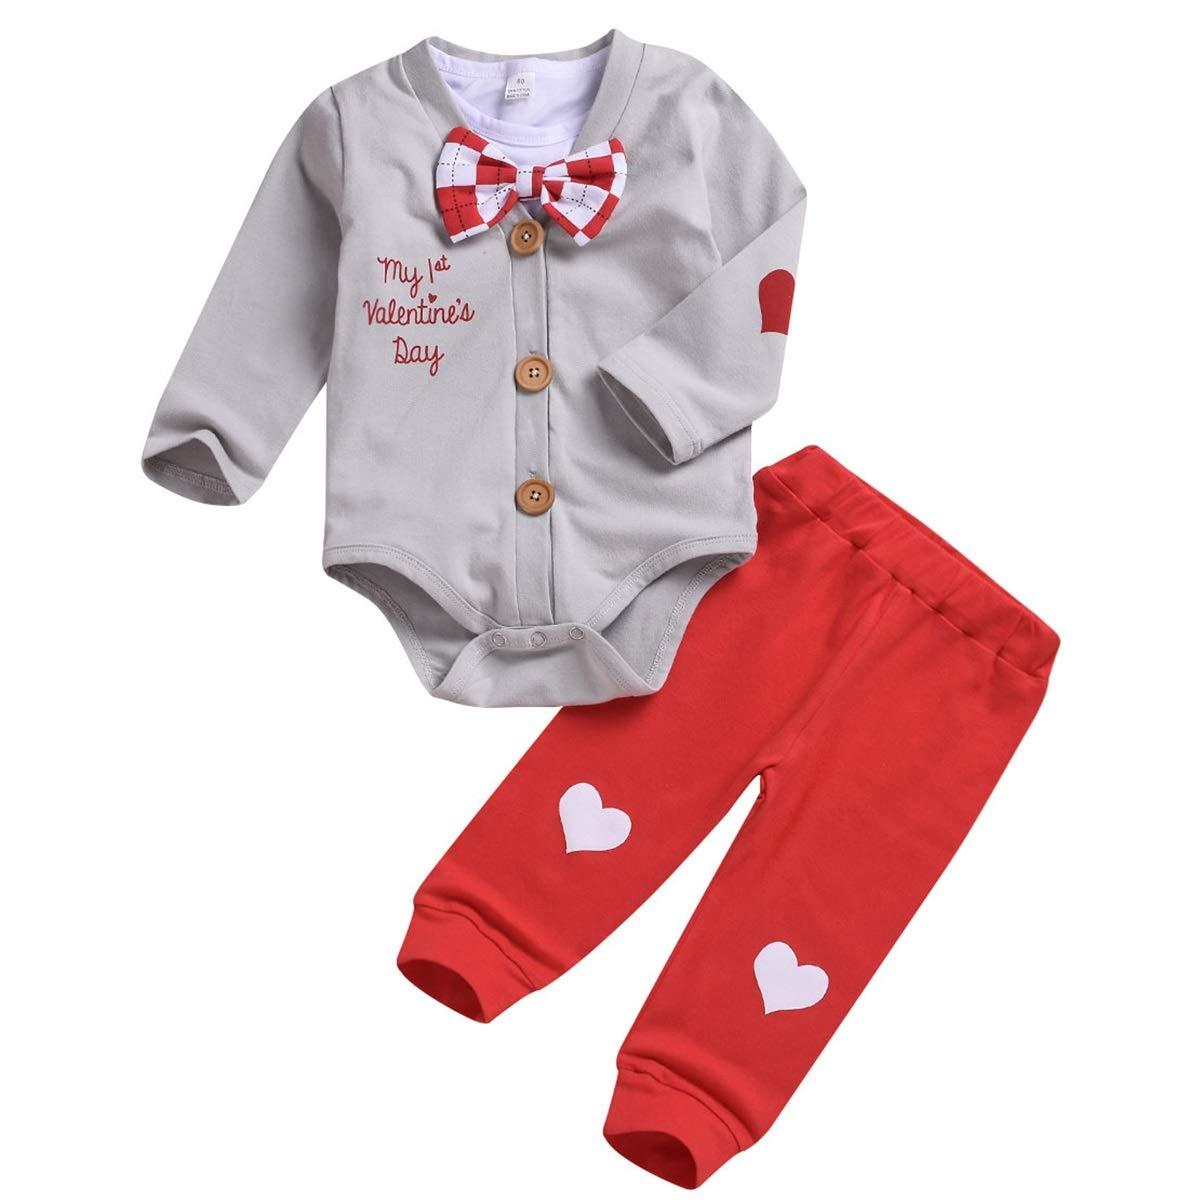 puseky Baby Boy My 1st Valentines Day Outfits Conjunto de Pantalones de Mono con Pajarita y Pajarita para Caballero